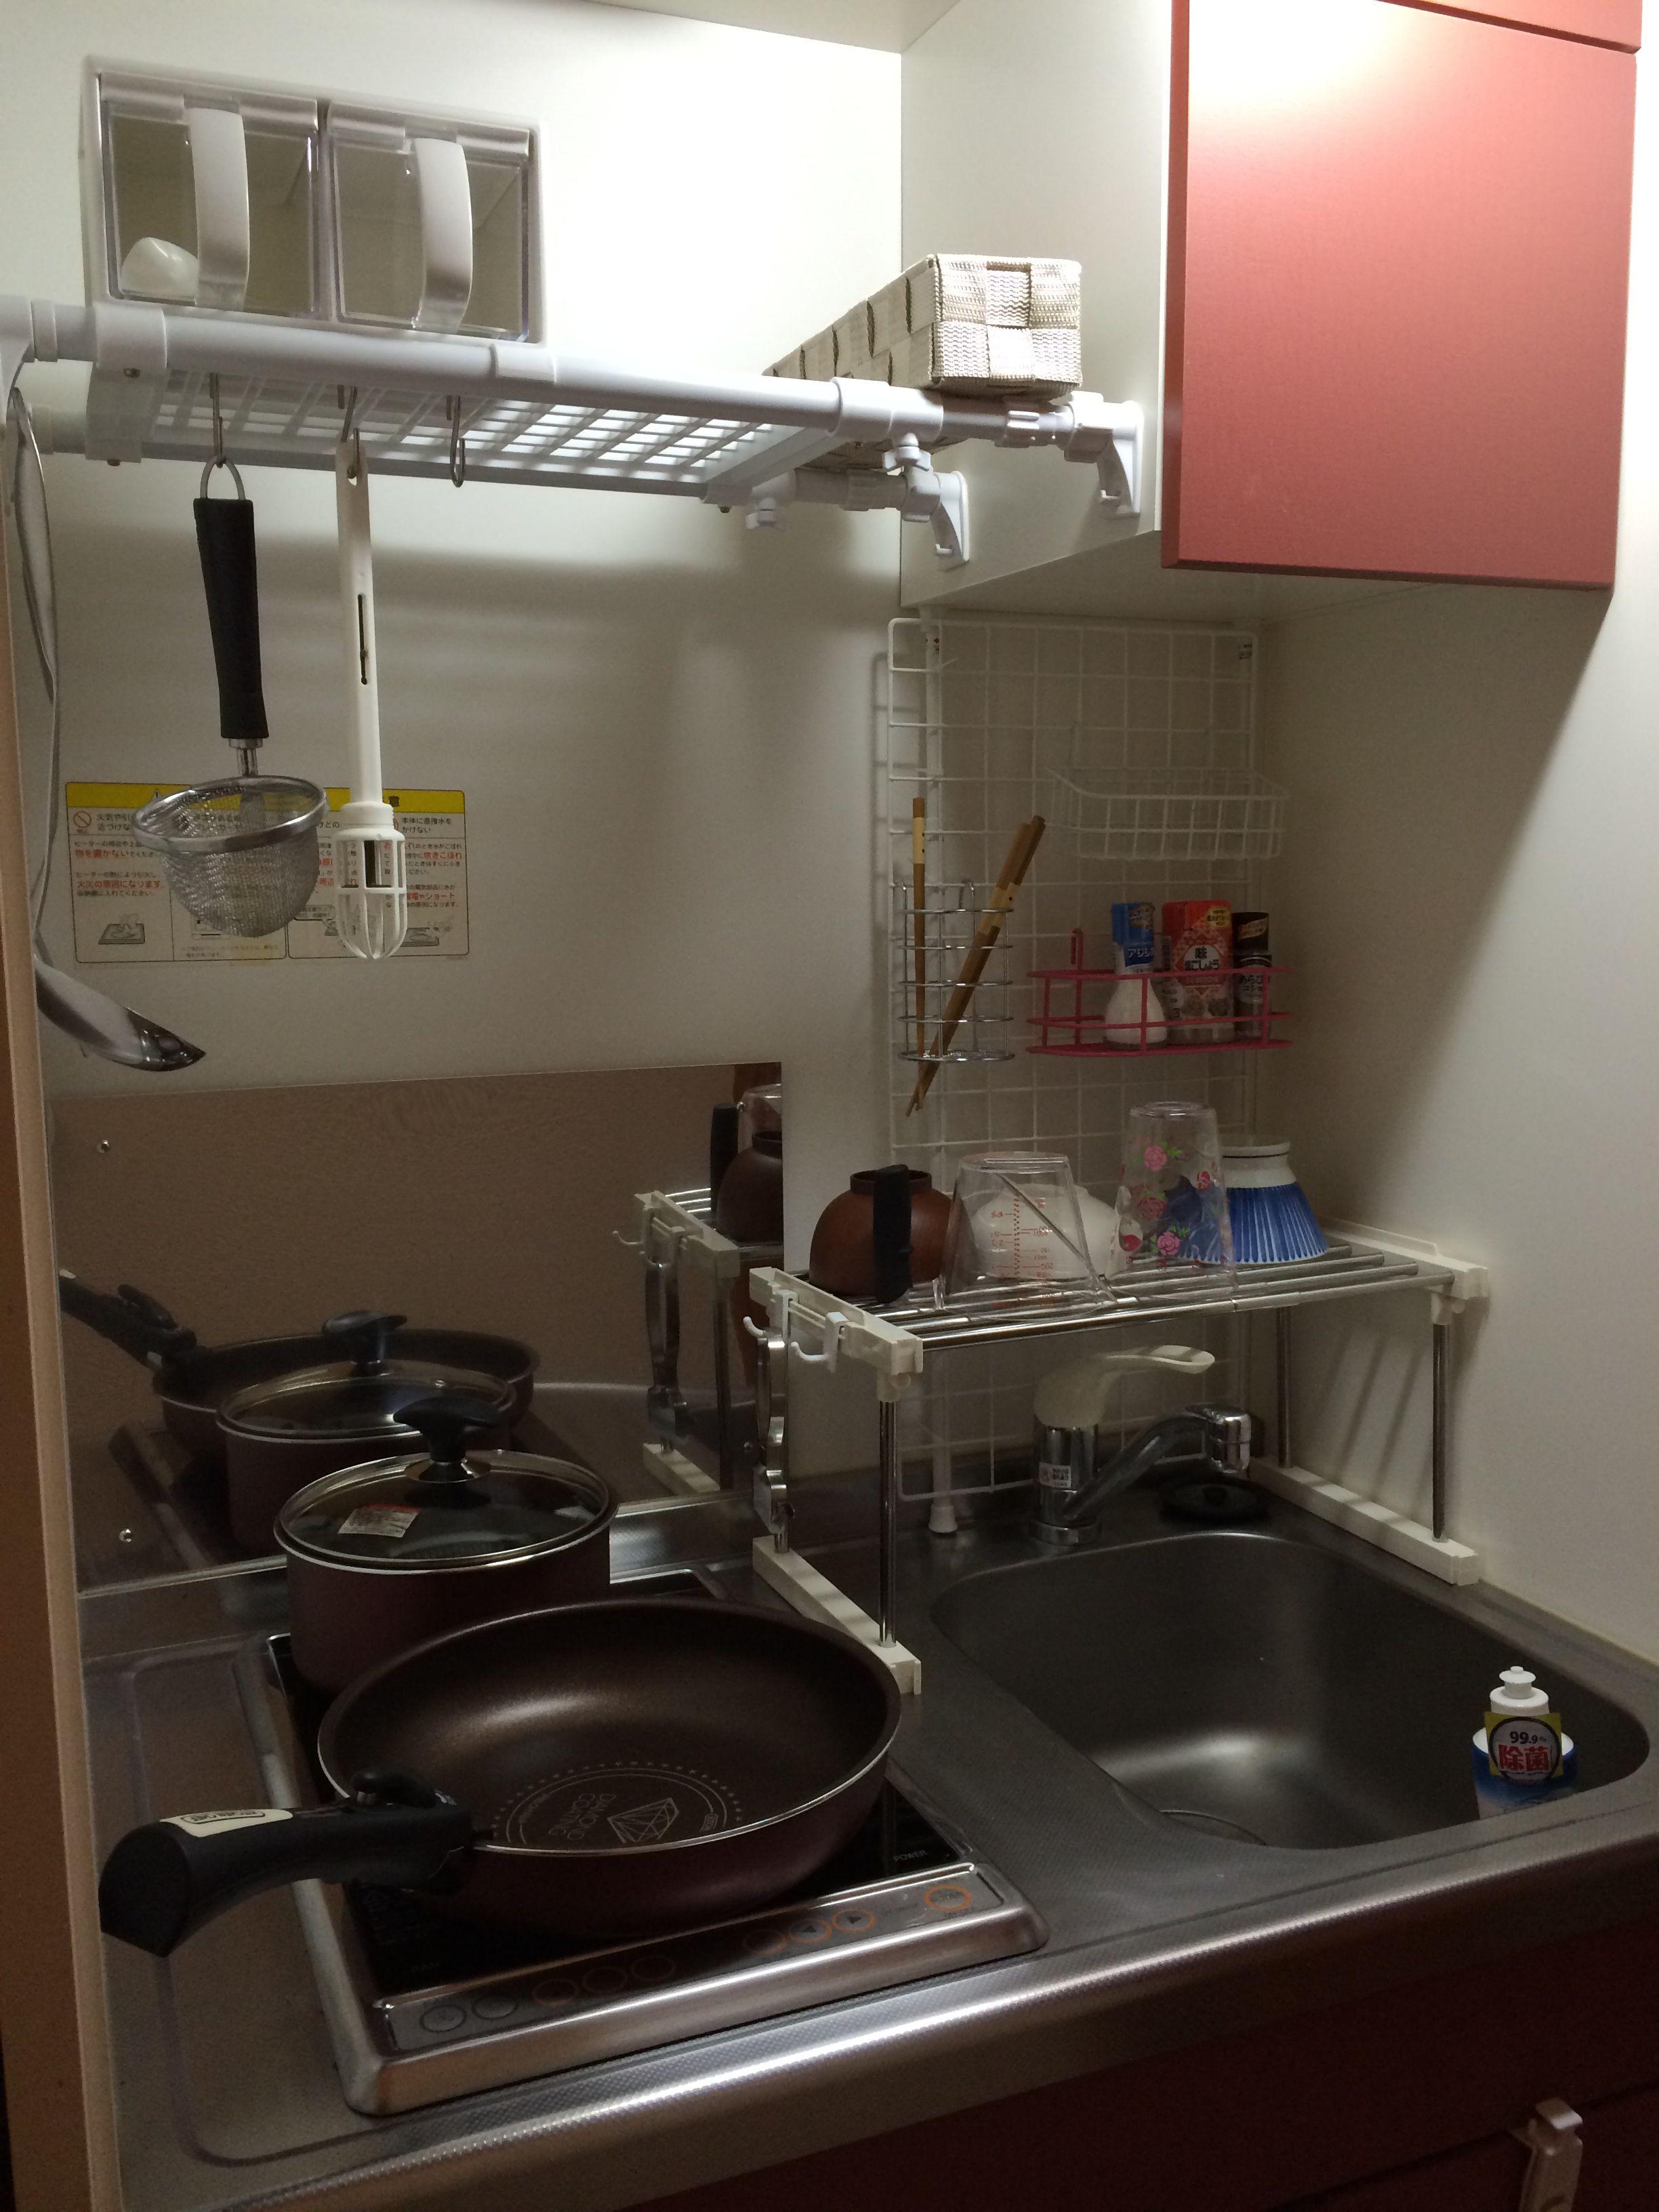 キッチン レオパレス 狭いキッチン レイアウト 狭いキッチン 収納